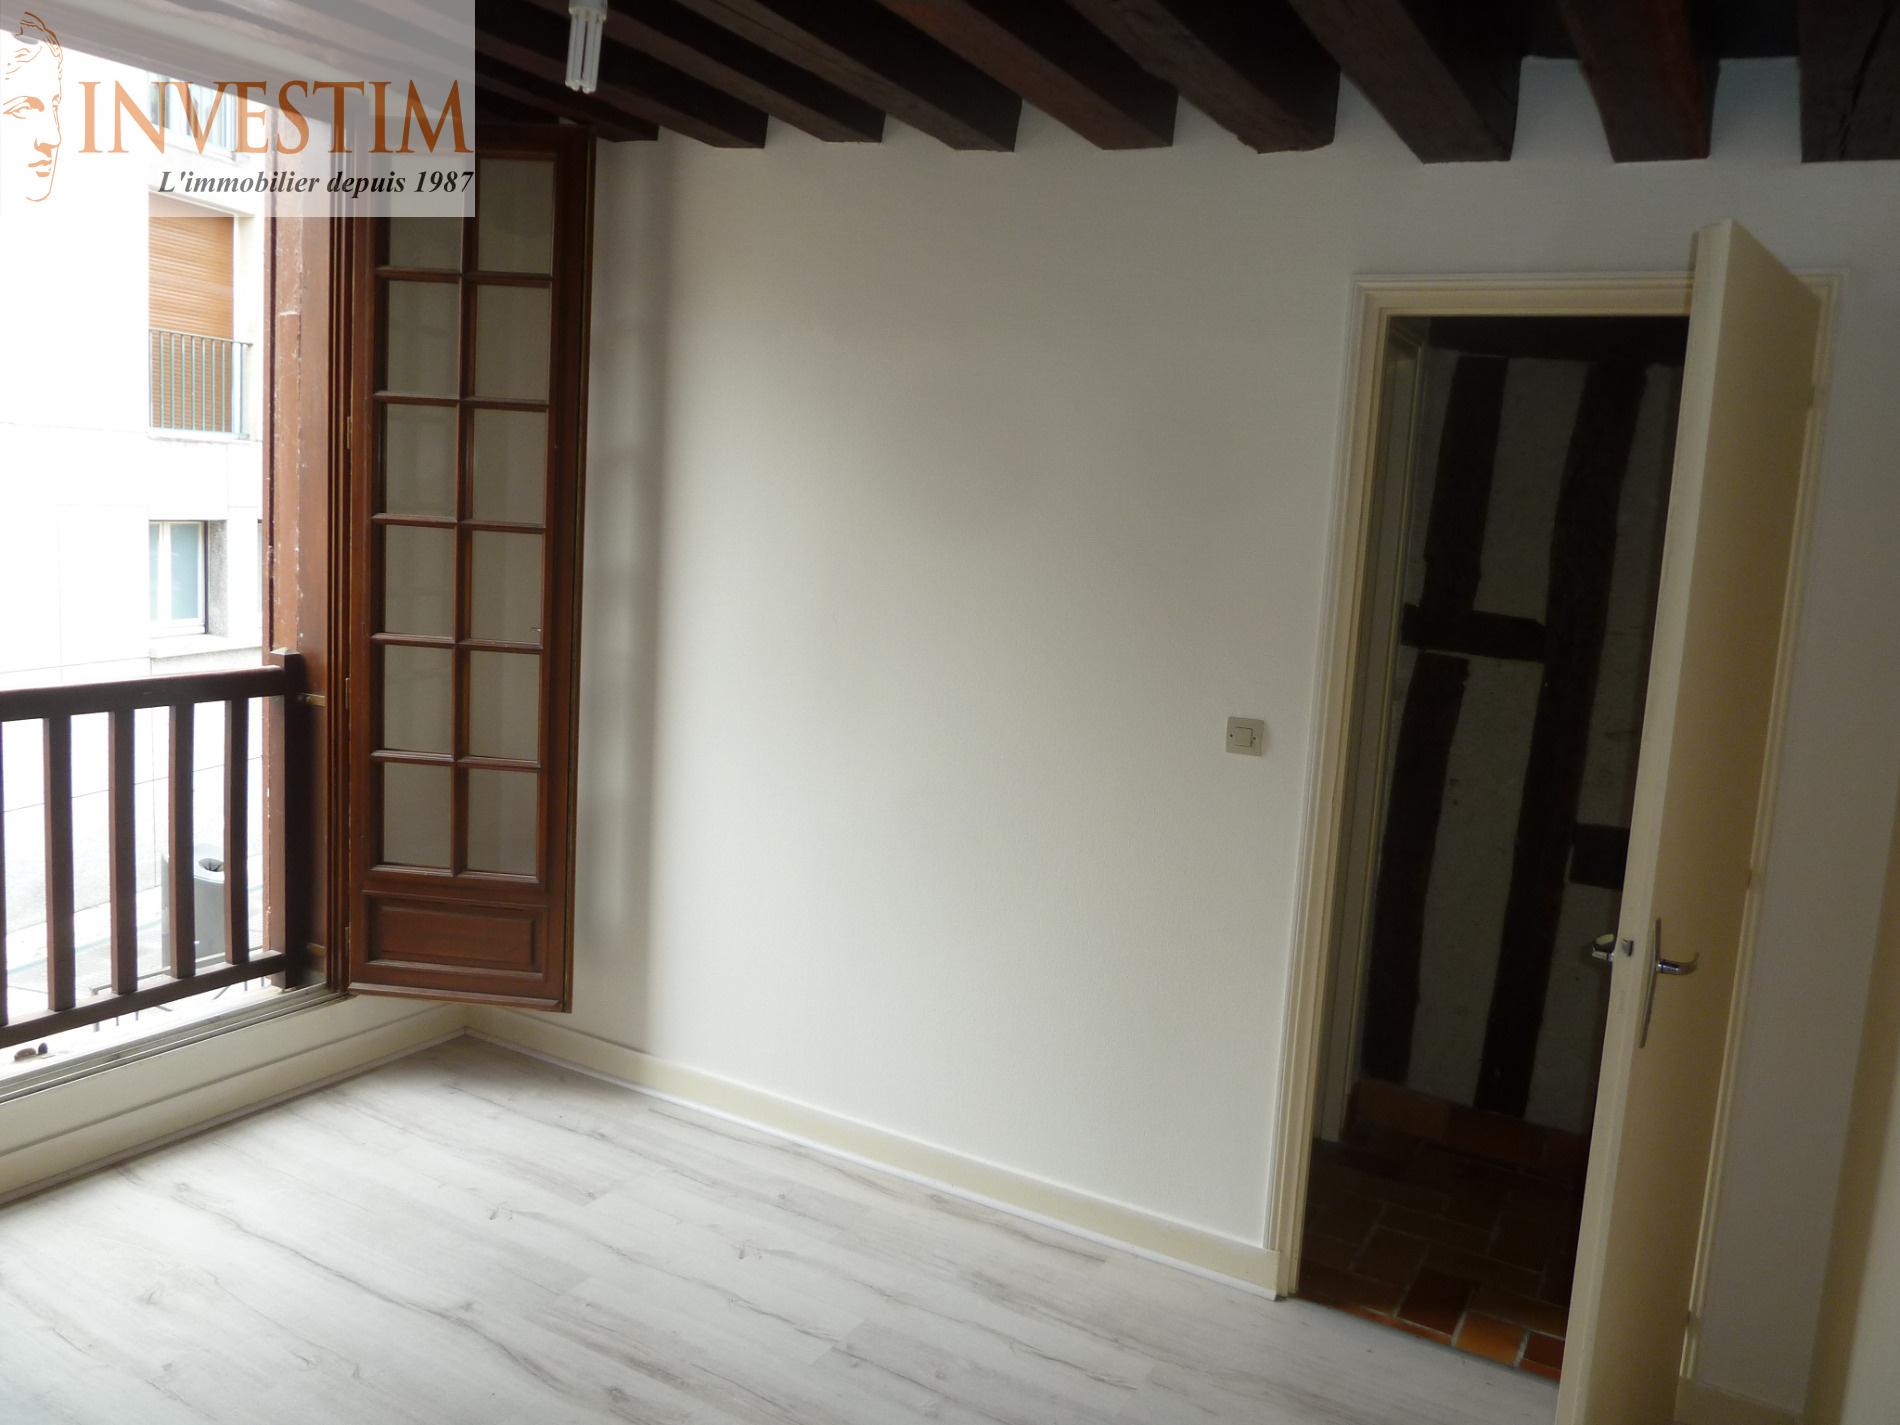 Location blois centre appartement t2 - Location appartement meuble blois ...